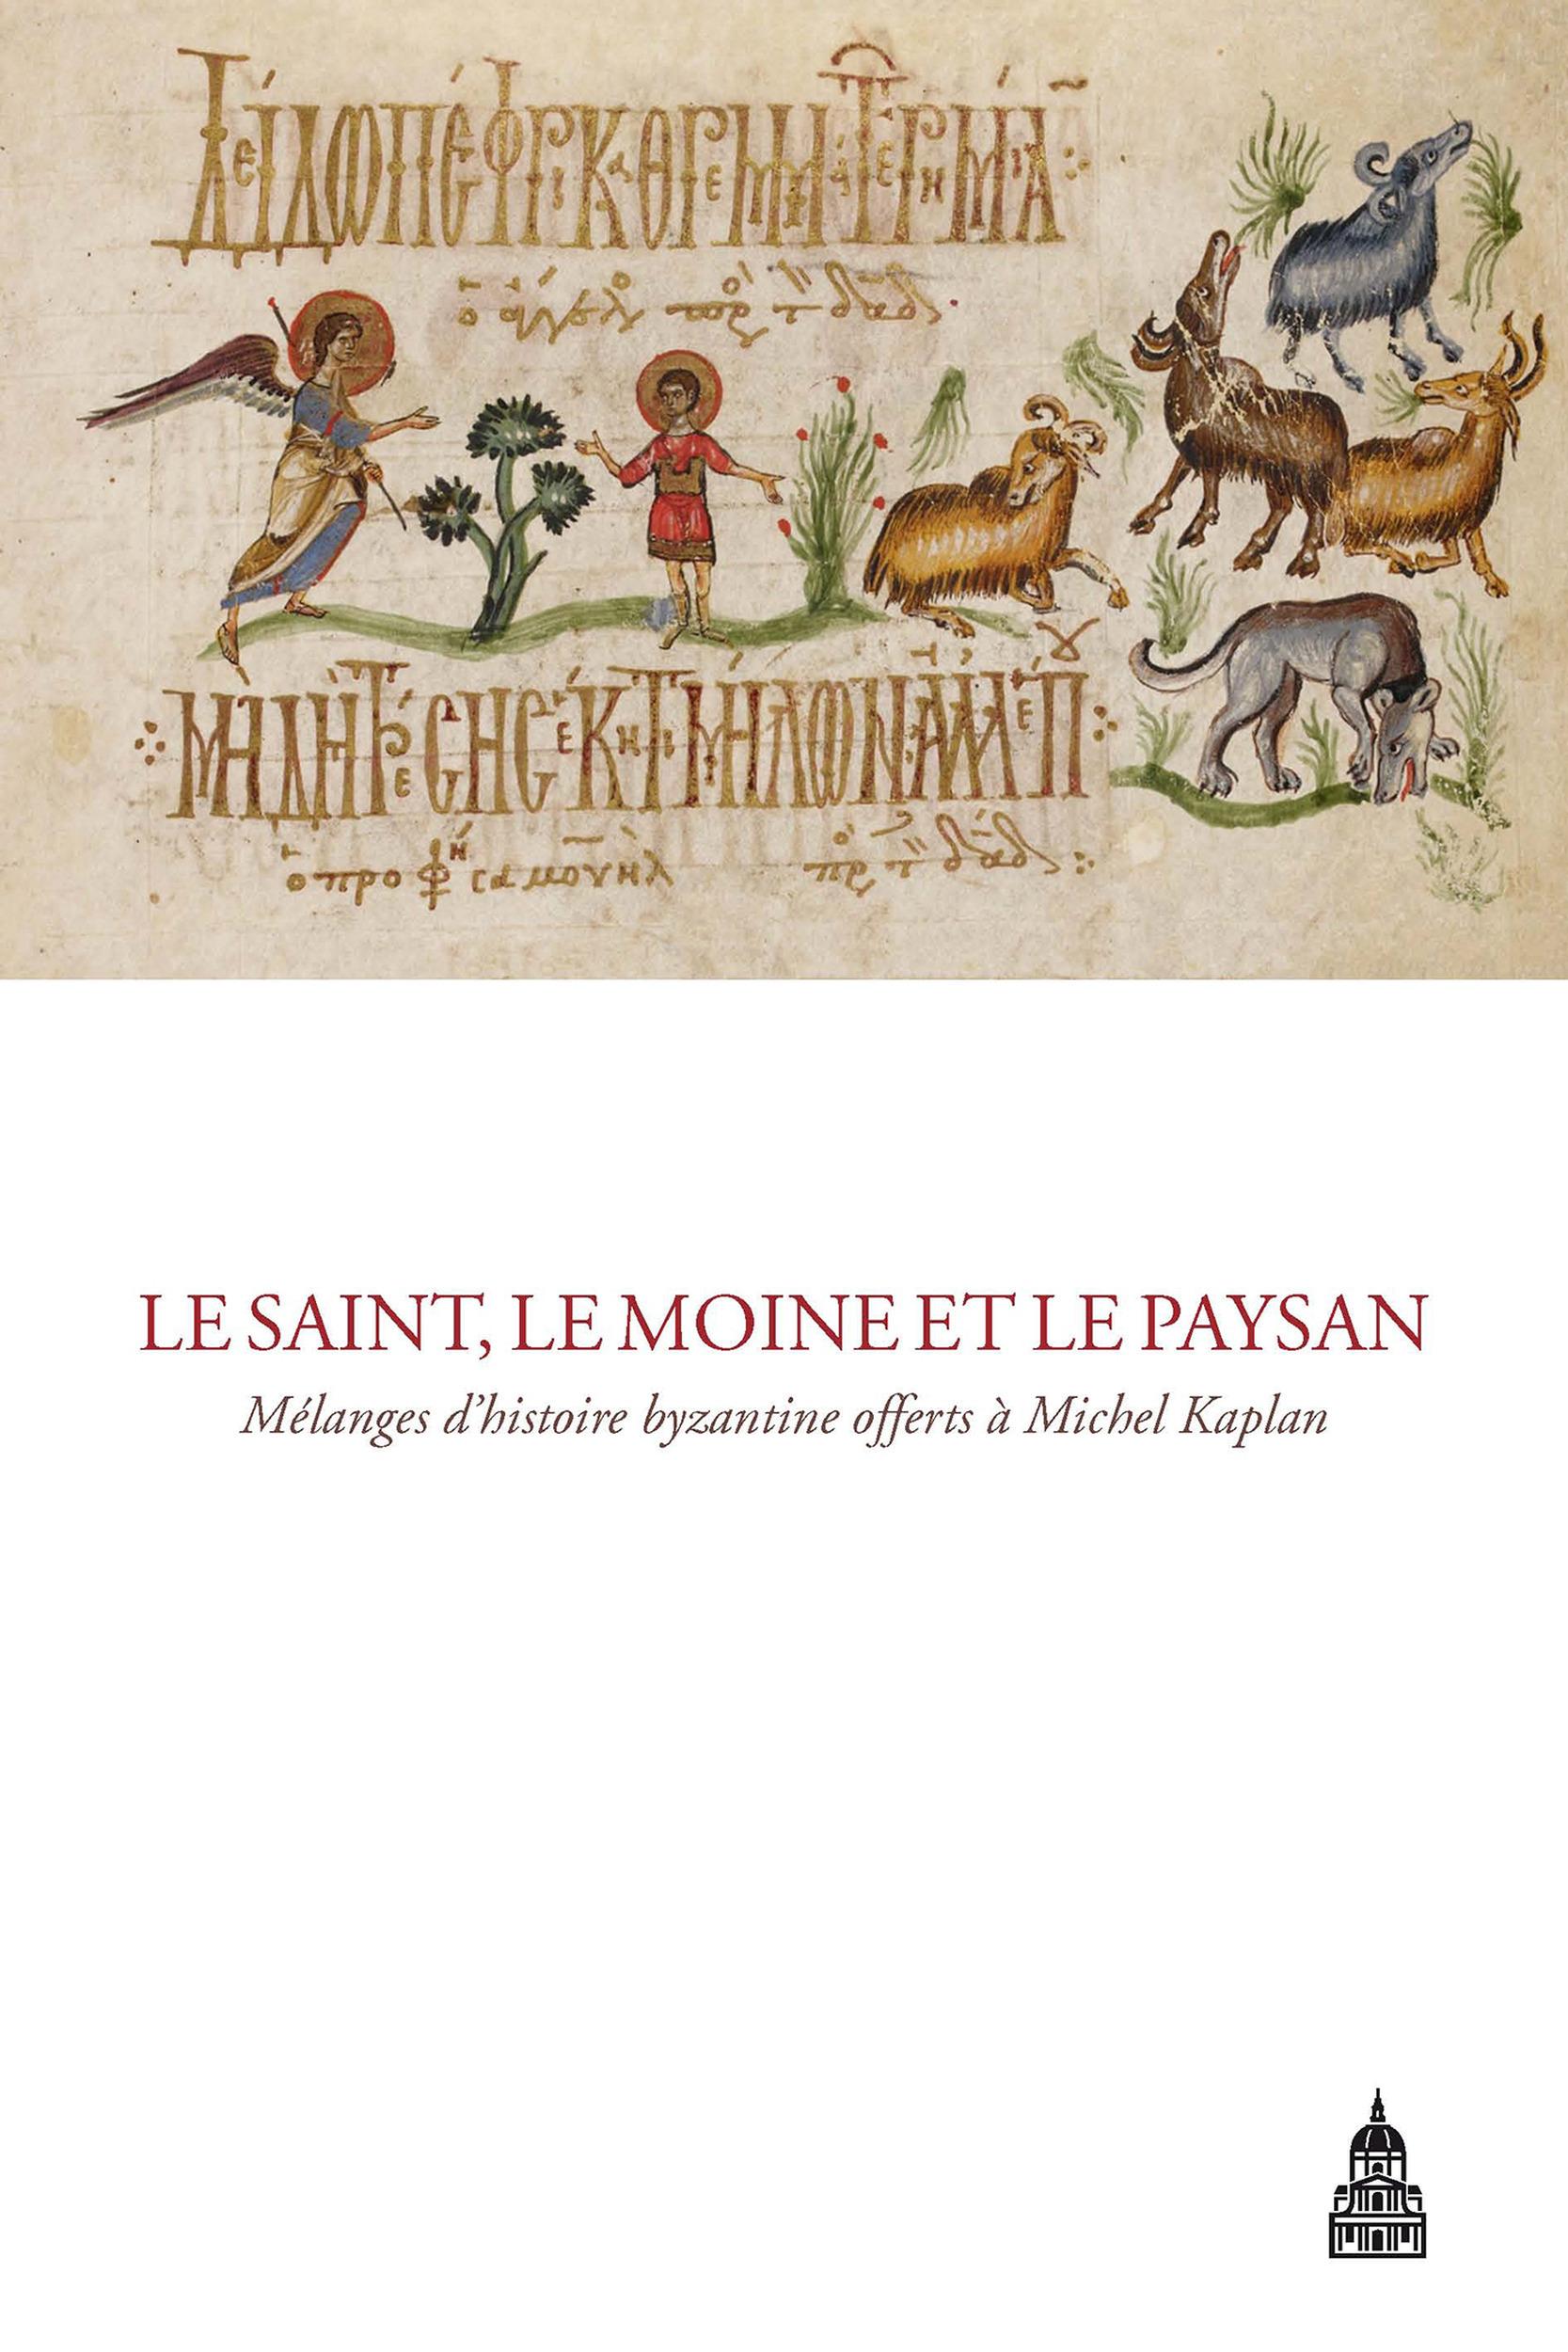 Le saint, le moine et le paysan  - Paule Pagès  - Sophie Métivier  - Delouis/Metivier  - Olivier Delouis